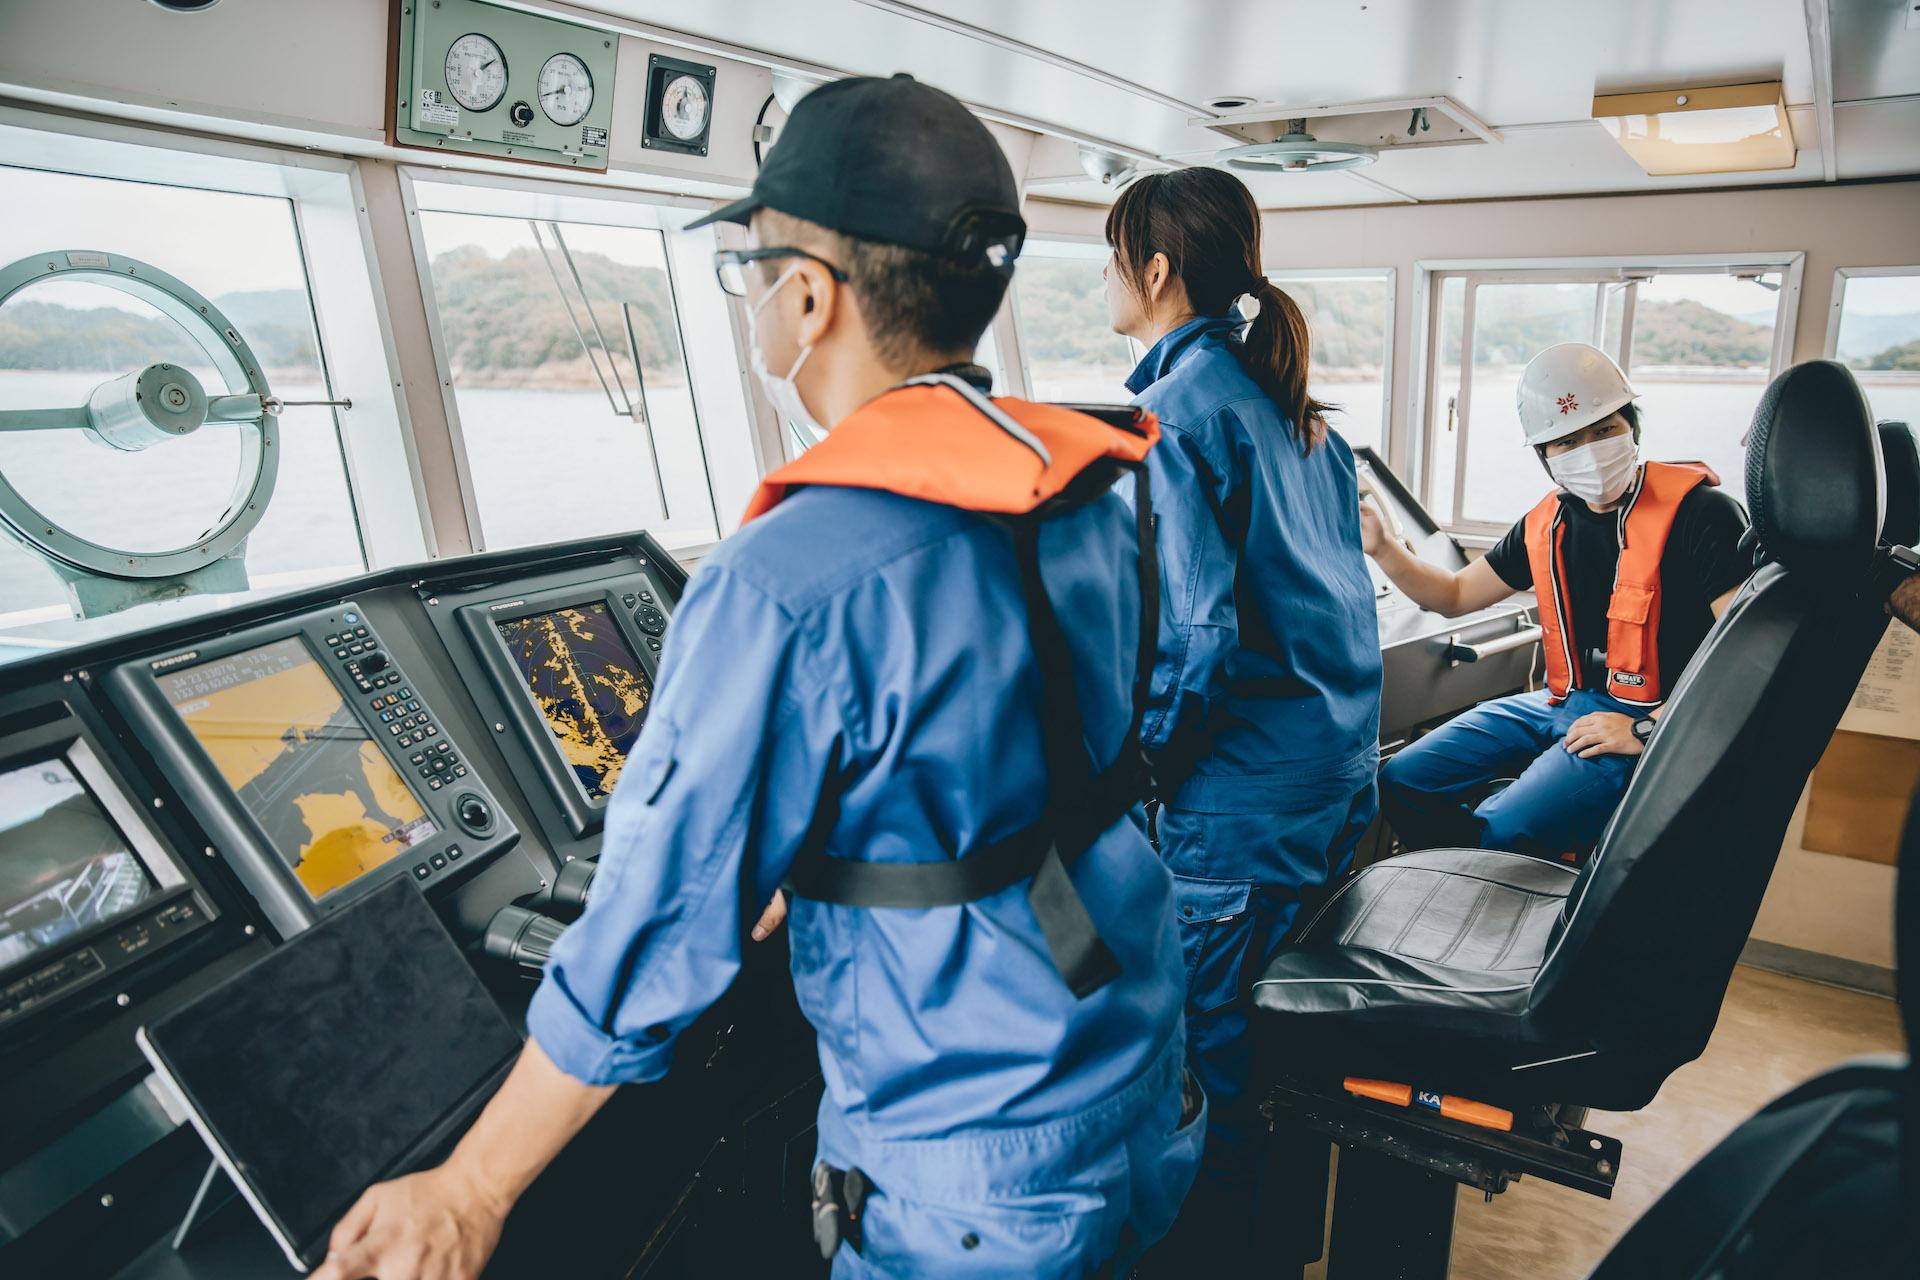 【メディア掲載】災害医療船の取り組みがNHKに取り上げられました